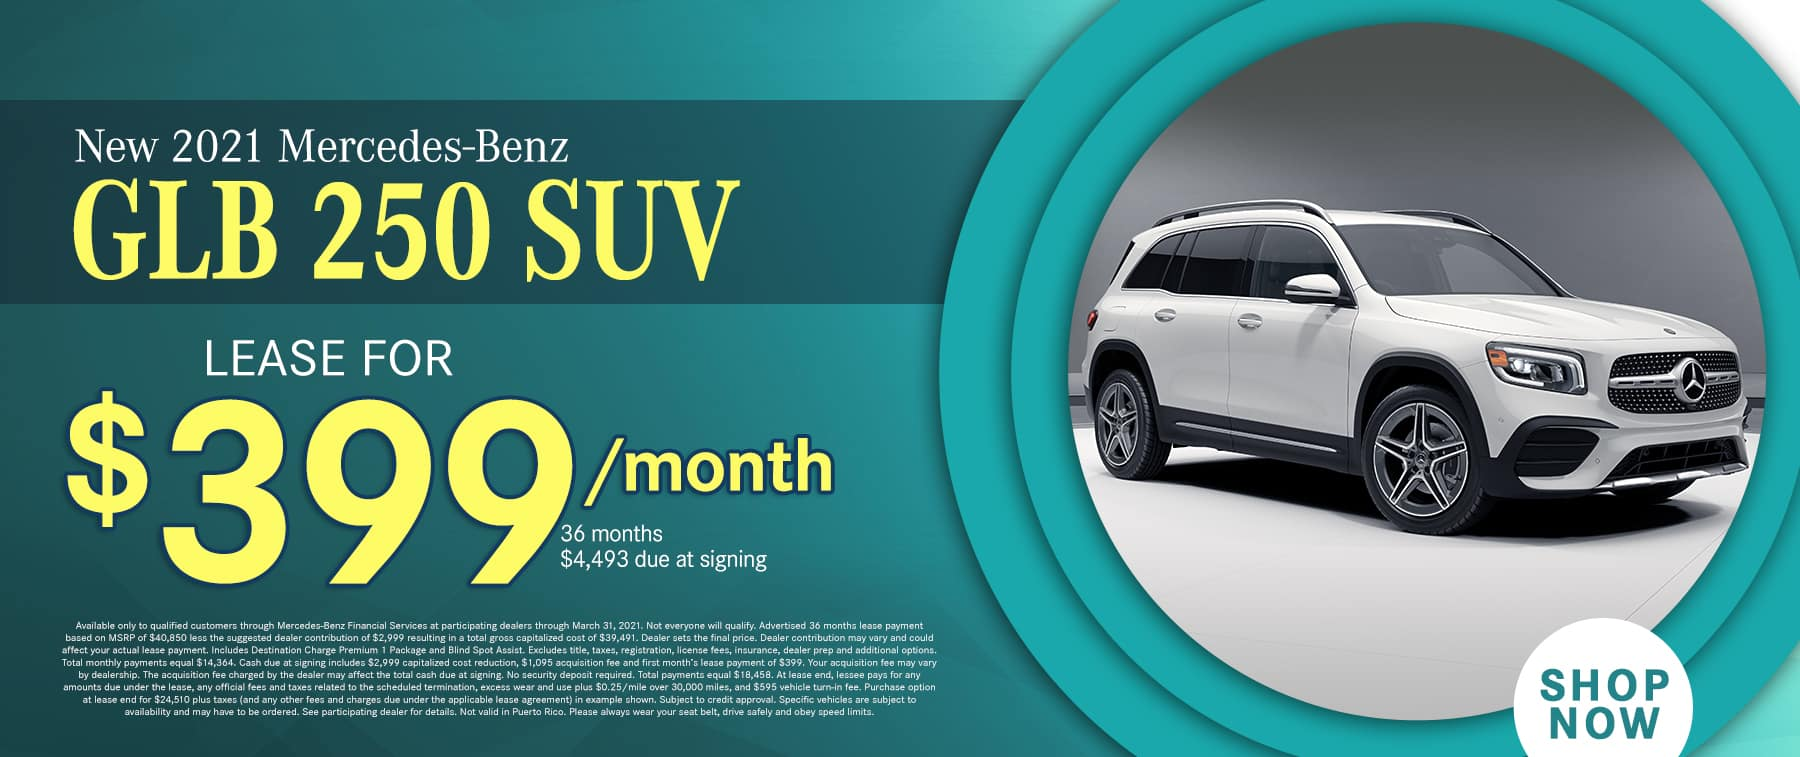 2021 Mercedes-Benz GLB 250 SUV $399 PER MONTH/36 MONTHS/10K MILES $4,493 DAS